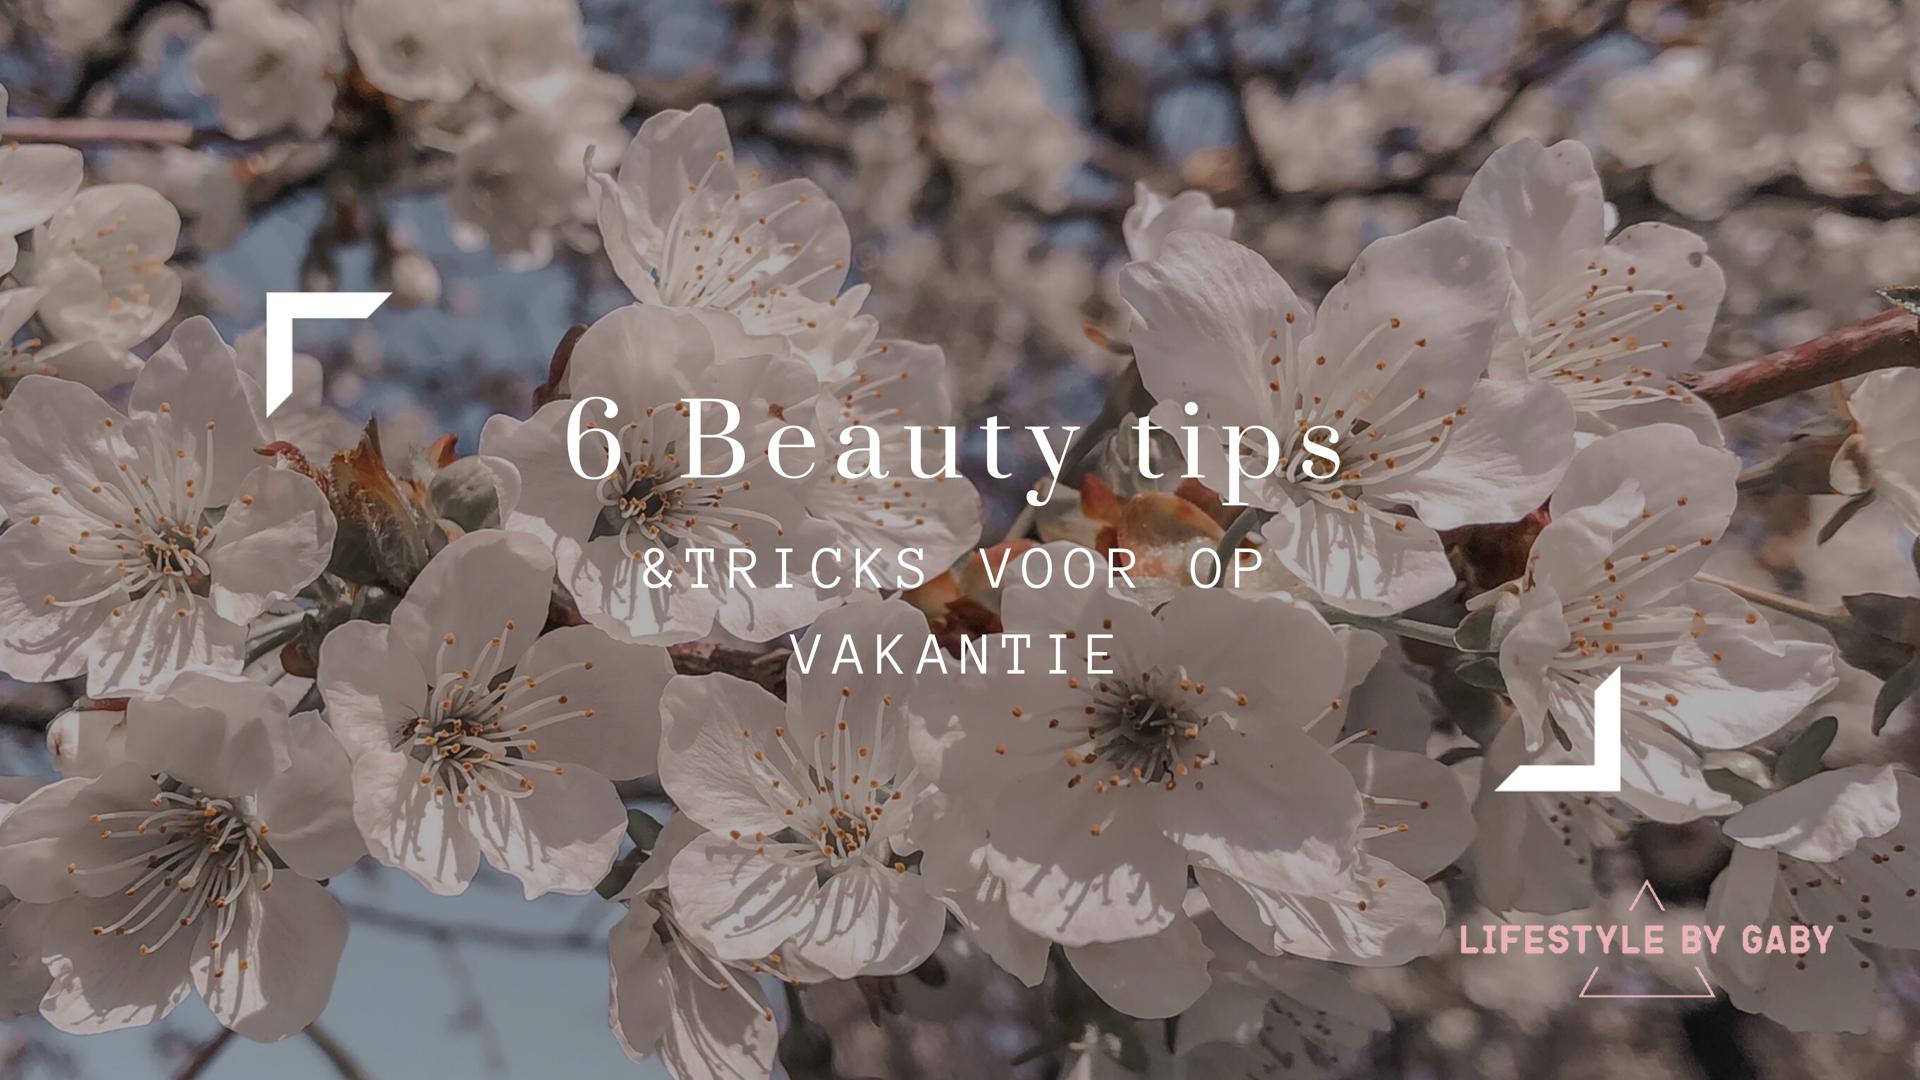 #27. 6 Beauty tips & tricks voor op vakantie